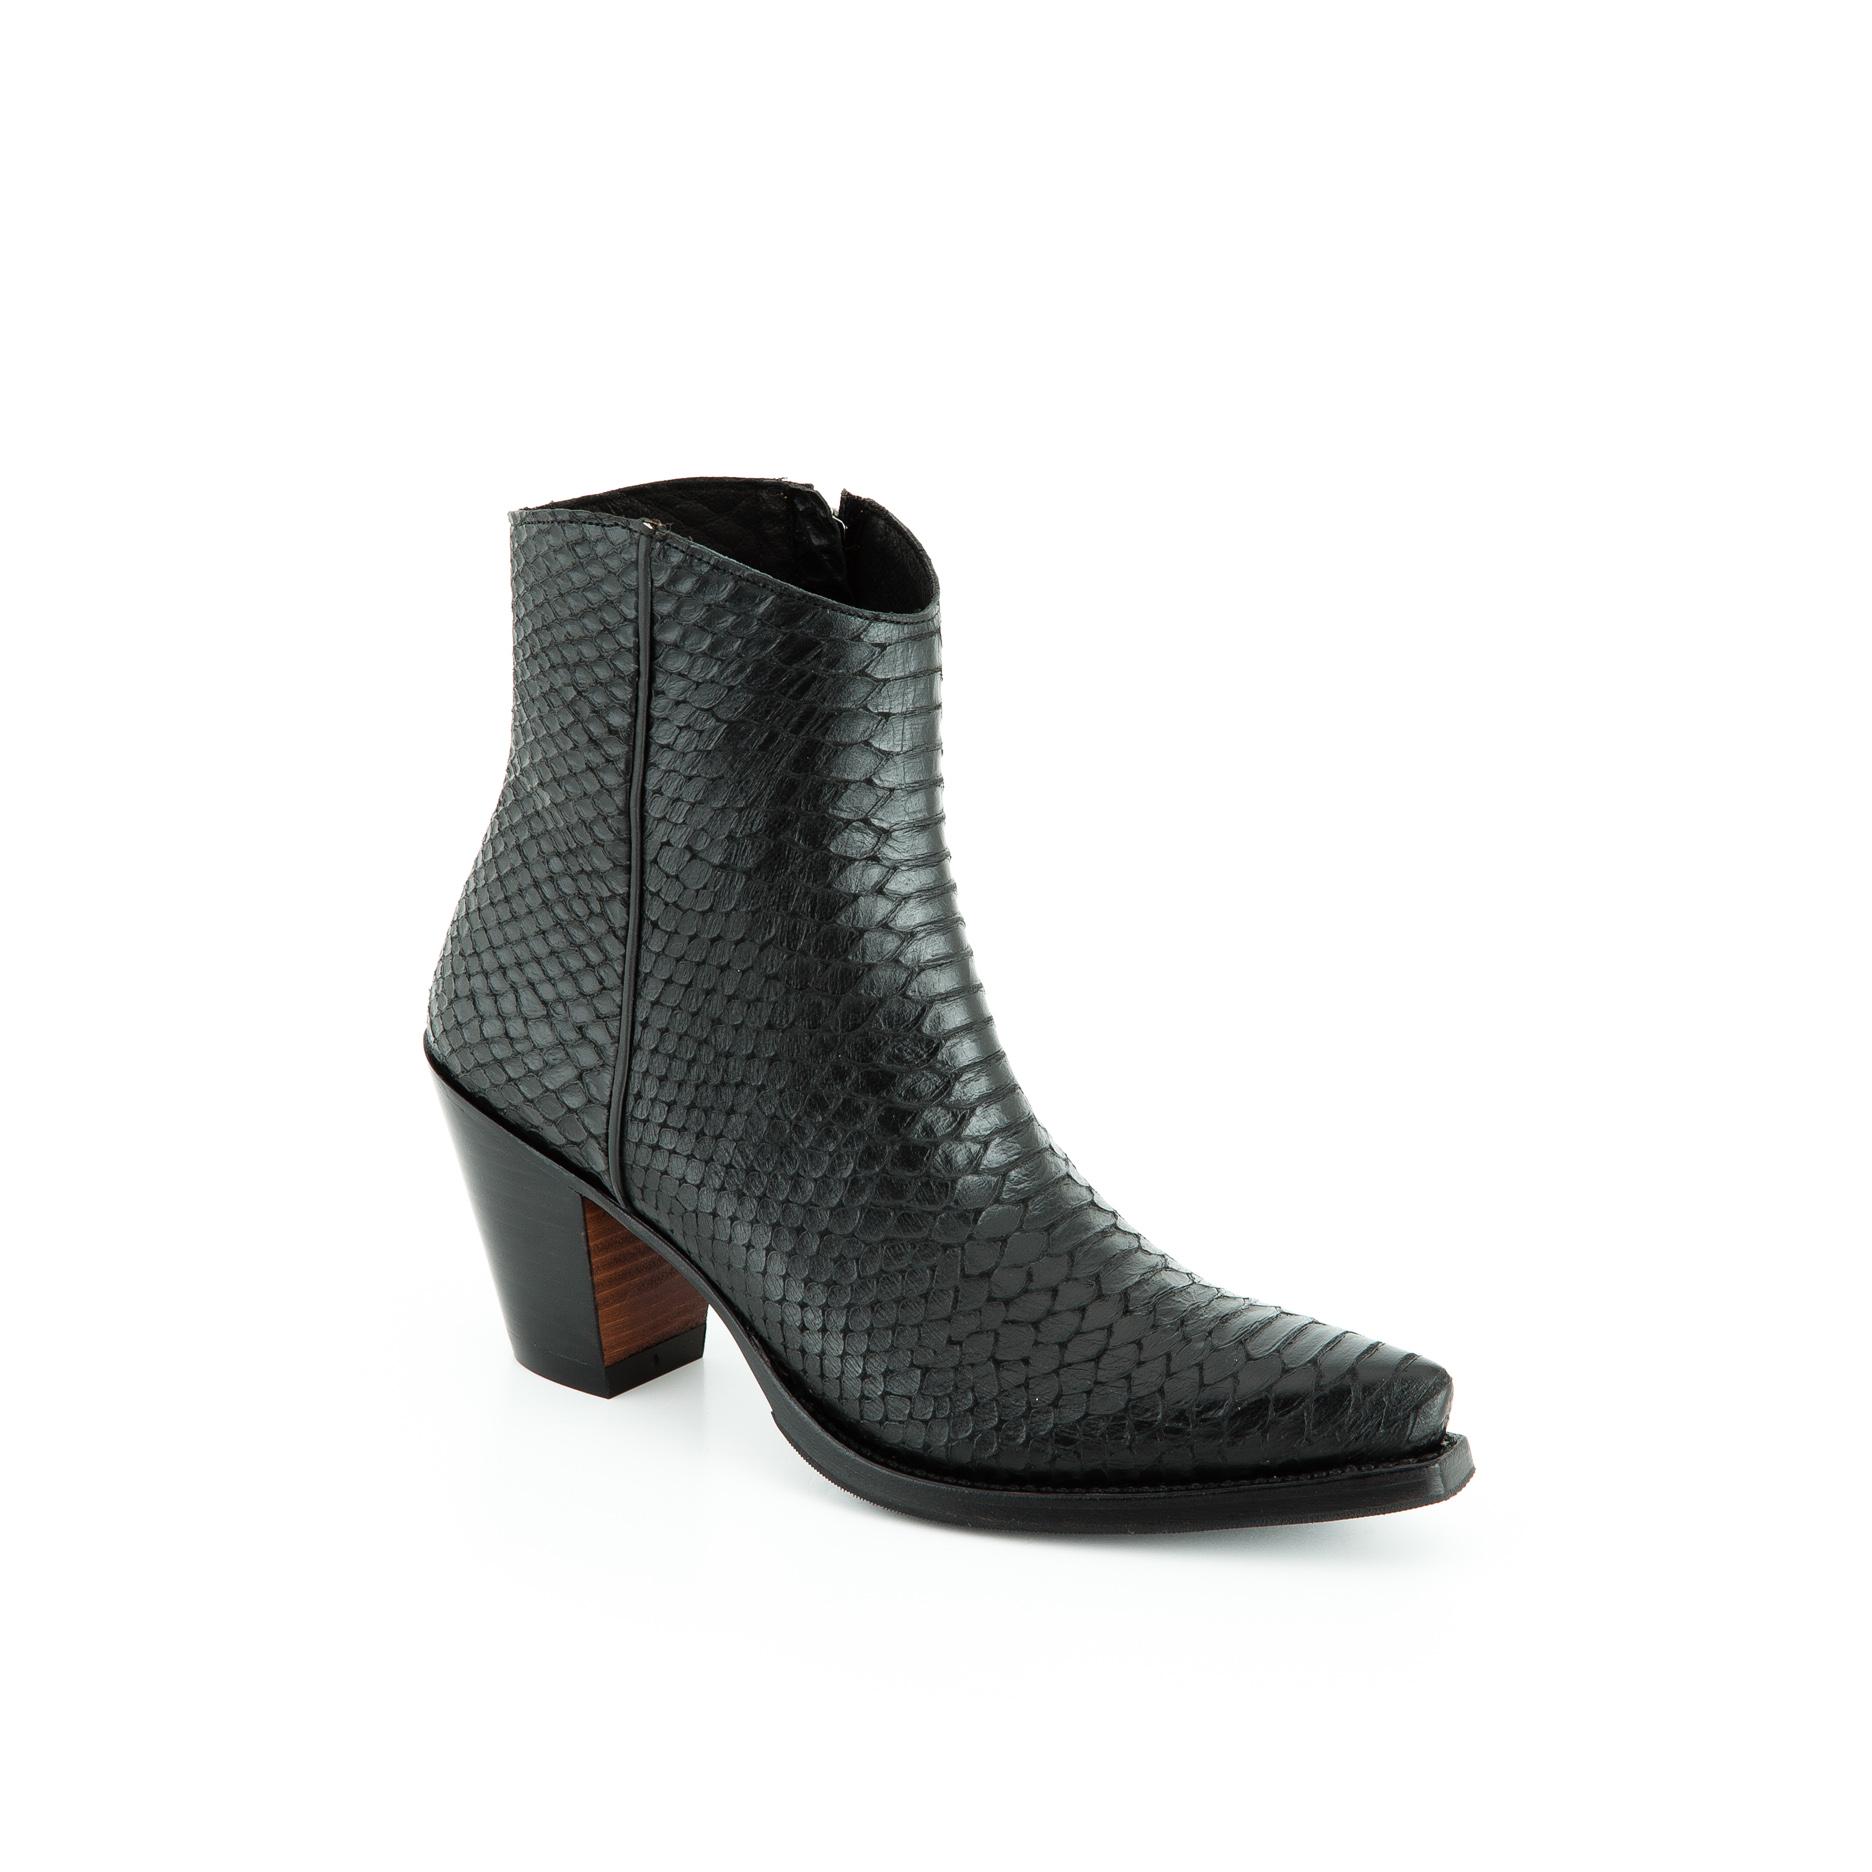 meilleure collection les ventes chaudes coupe classique Bottines cuir femme noir Sancho Abarca Boots 2258